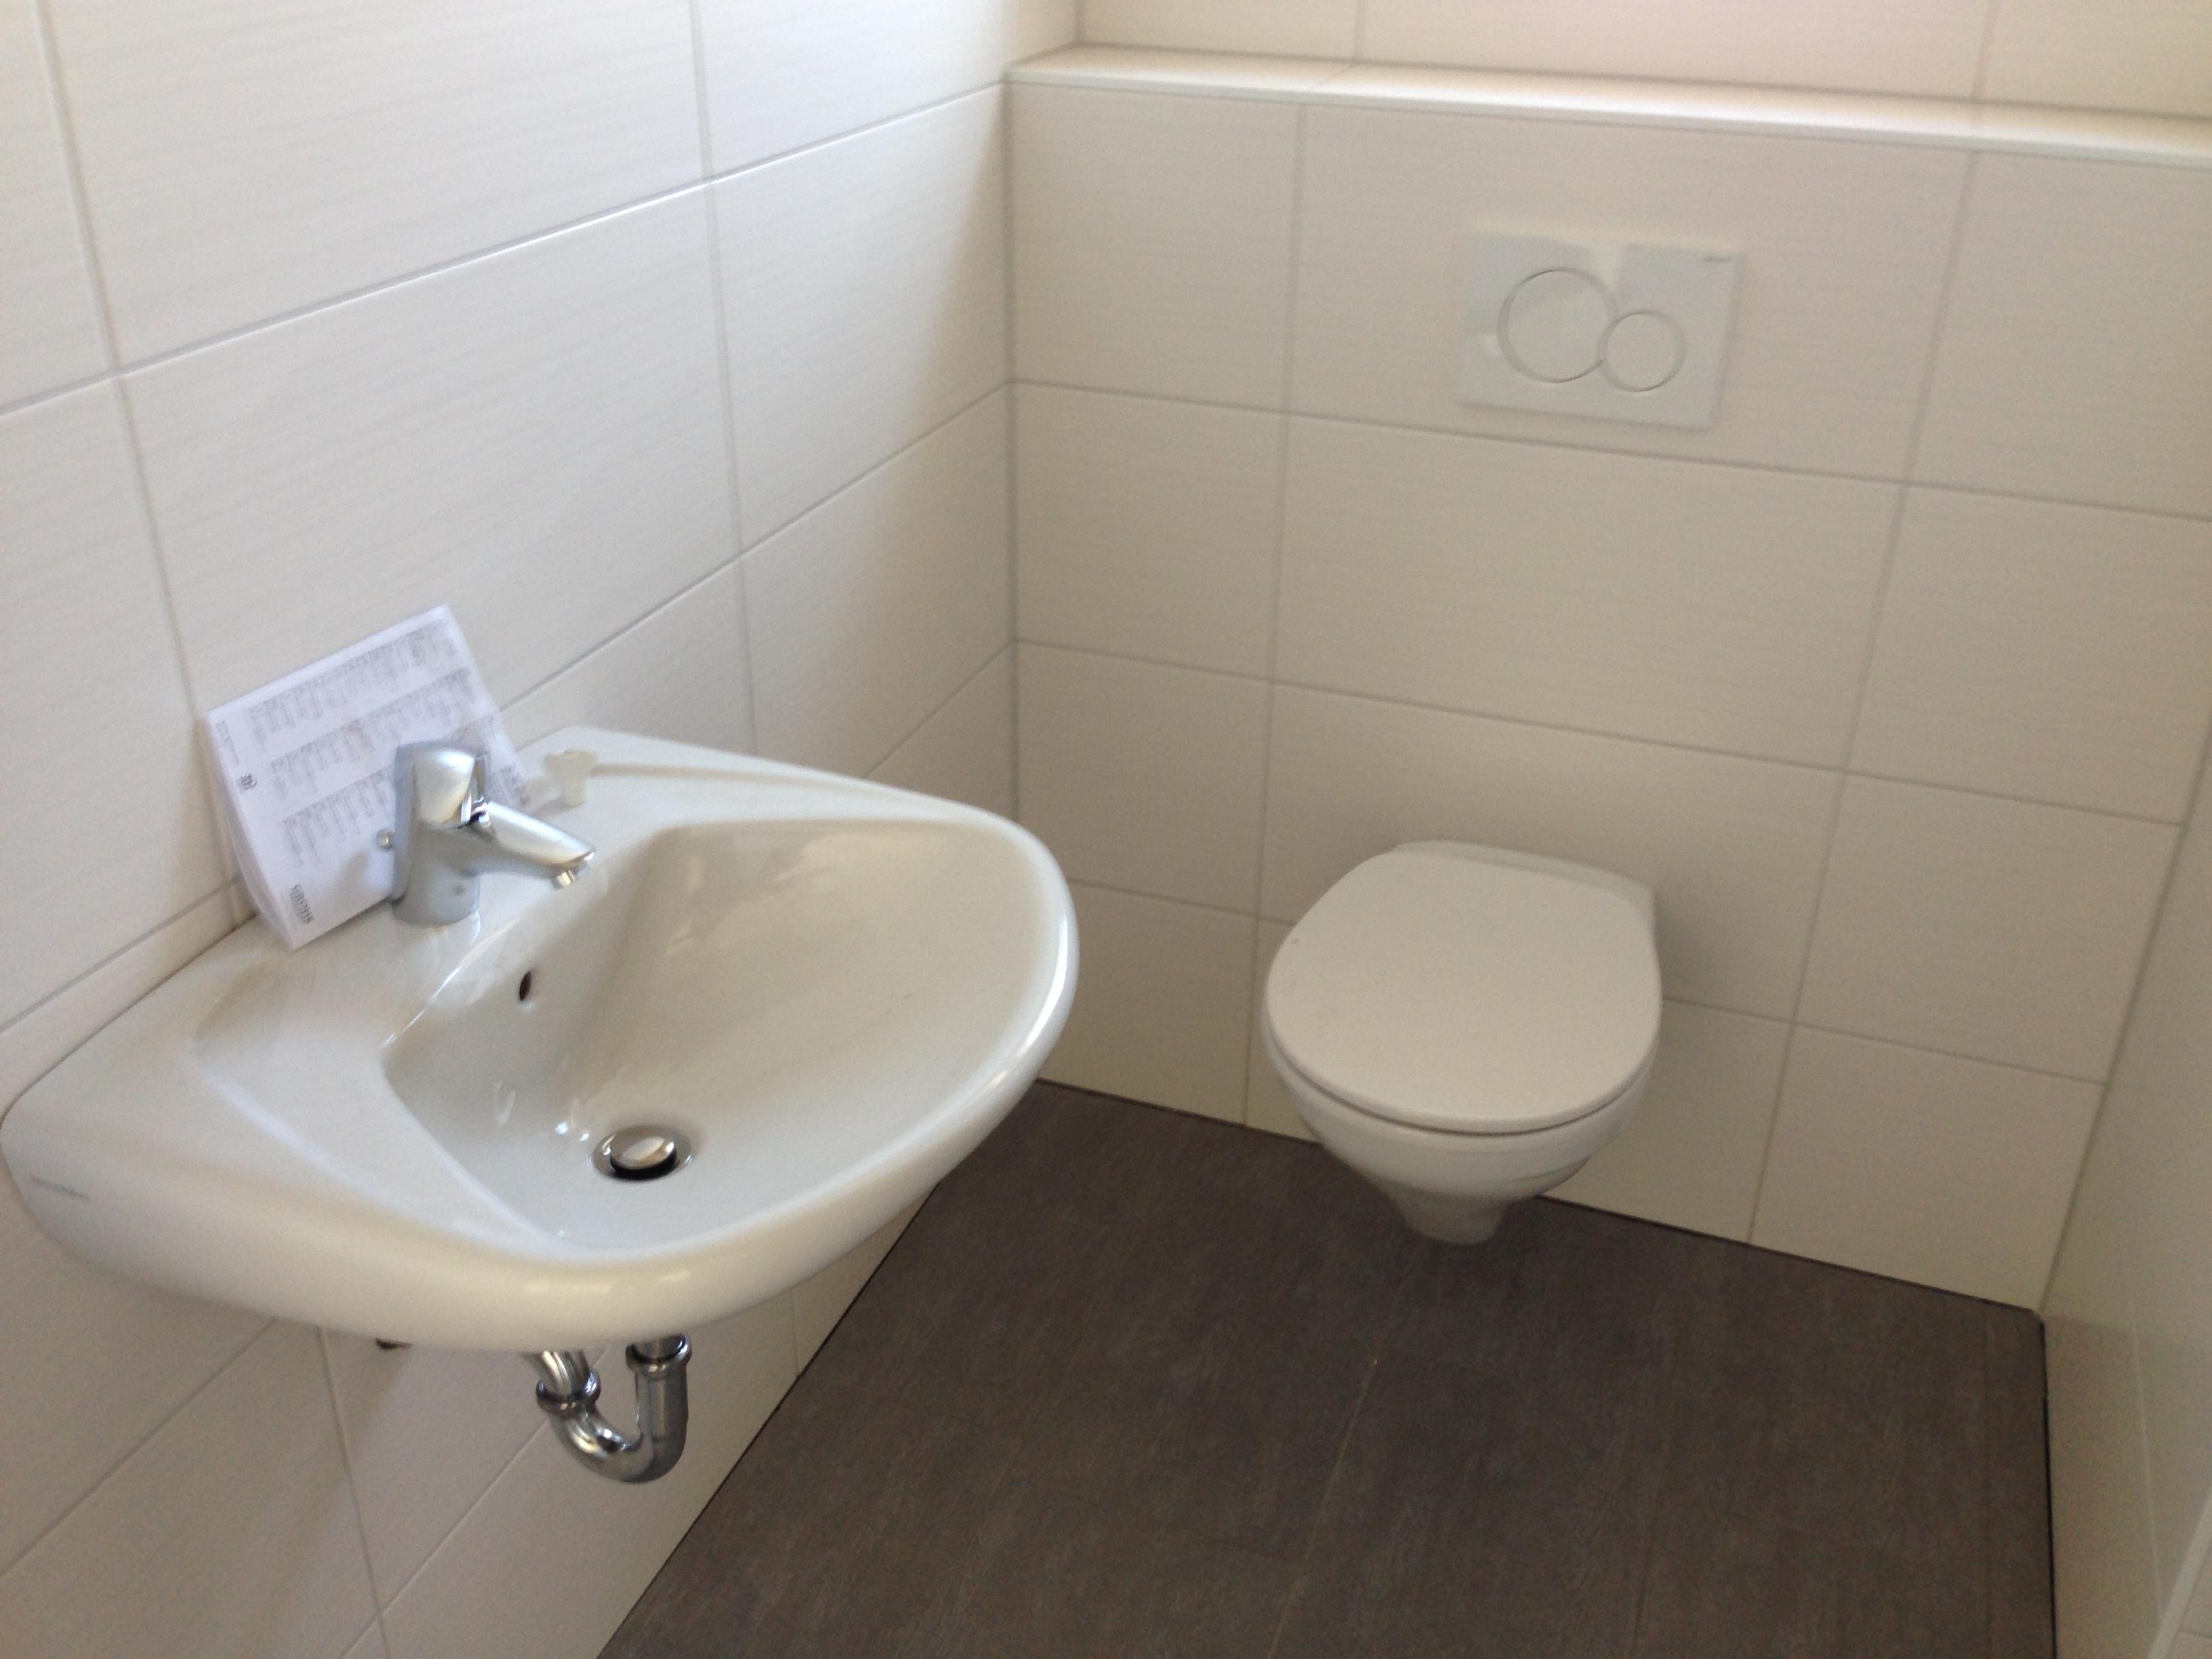 K chenaufma bauen mit team massivhaus - Gaste wc fliesen oder streichen ...